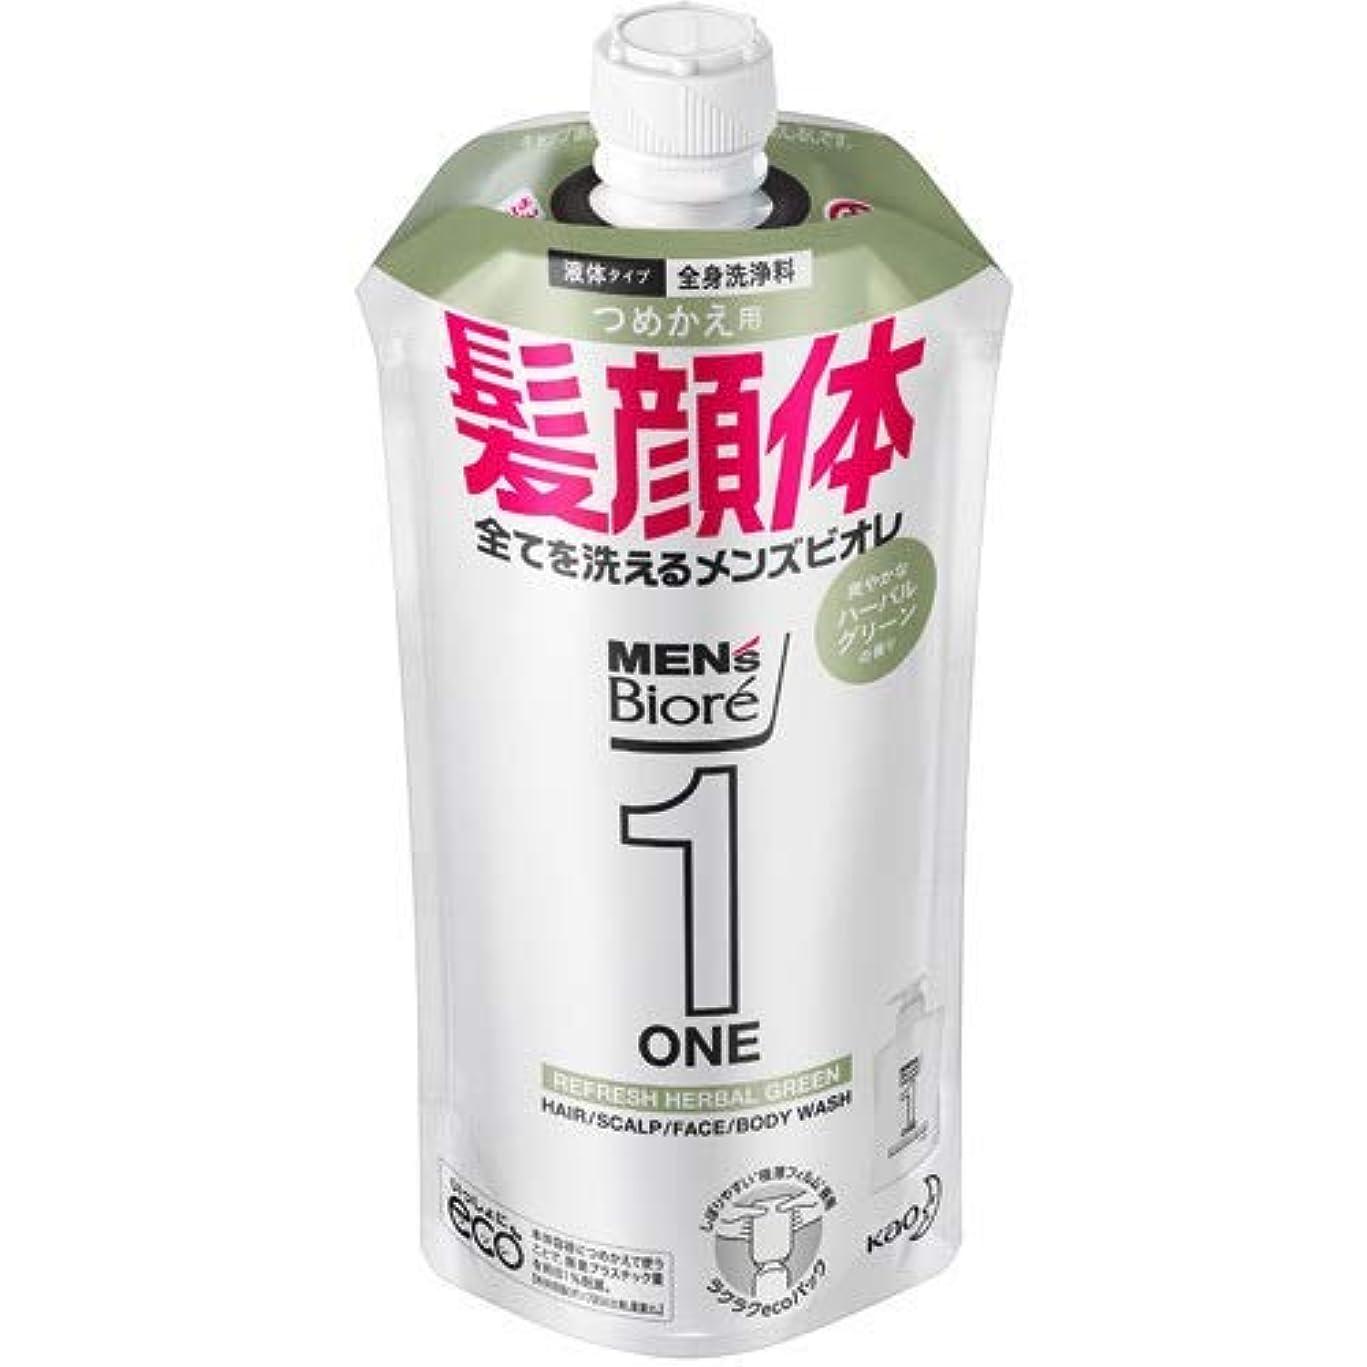 確率逆さまにミュウミュウ【10個セット】メンズビオレONE オールインワン全身洗浄料 爽やかなハーブルグリーンの香り つめかえ用 340mL